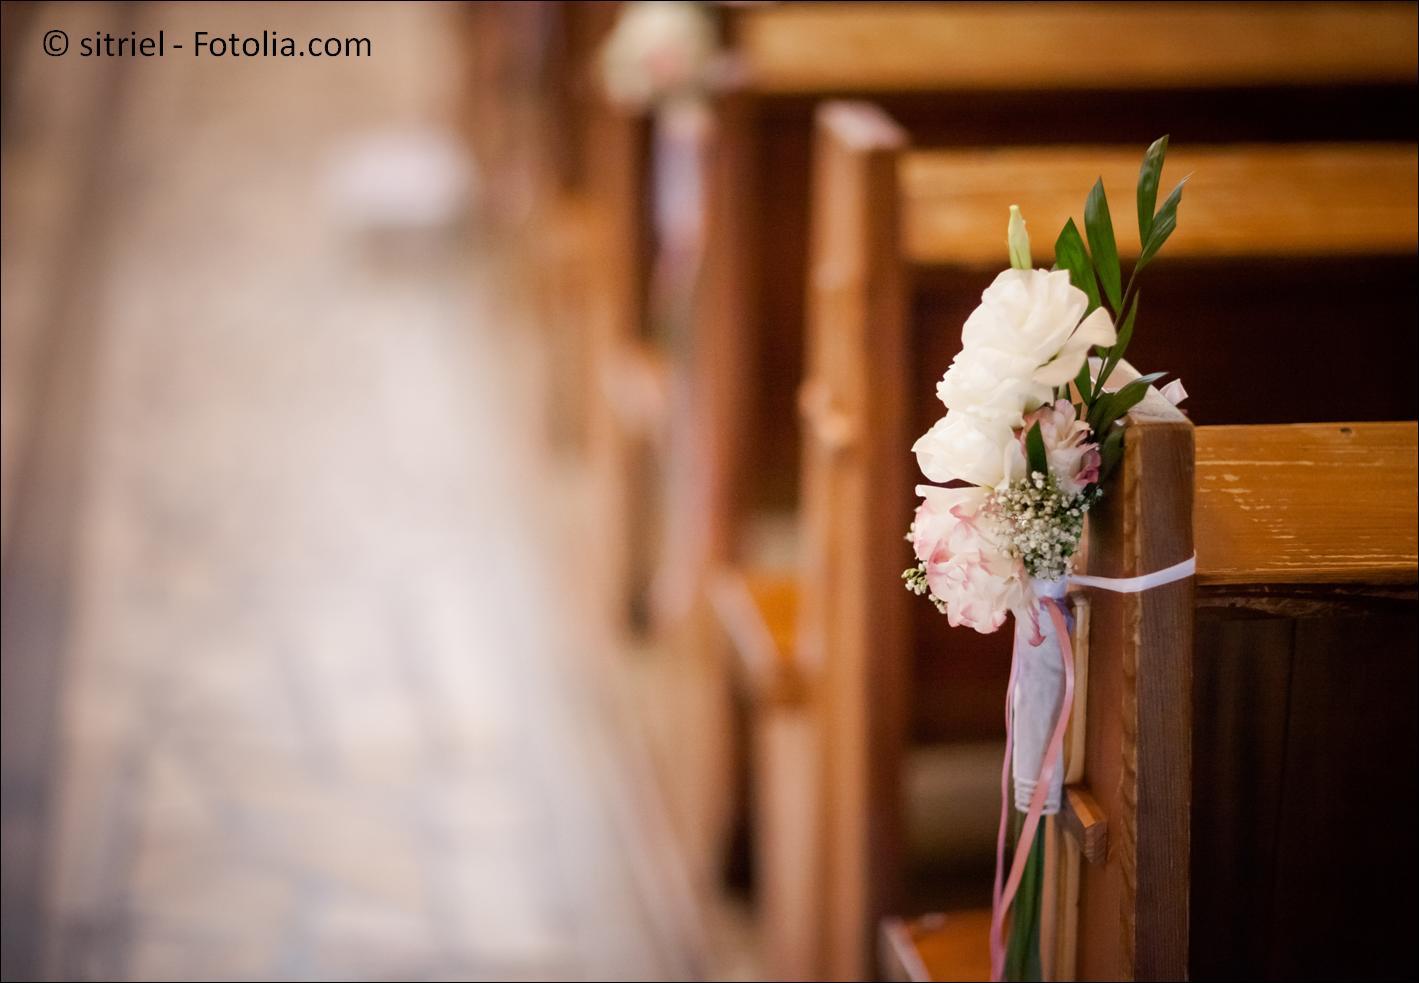 Hier finden Sie Informationen zur kirchlichen Trauung in Dortmund – #132524576 | © sitriel - Fotolia.com